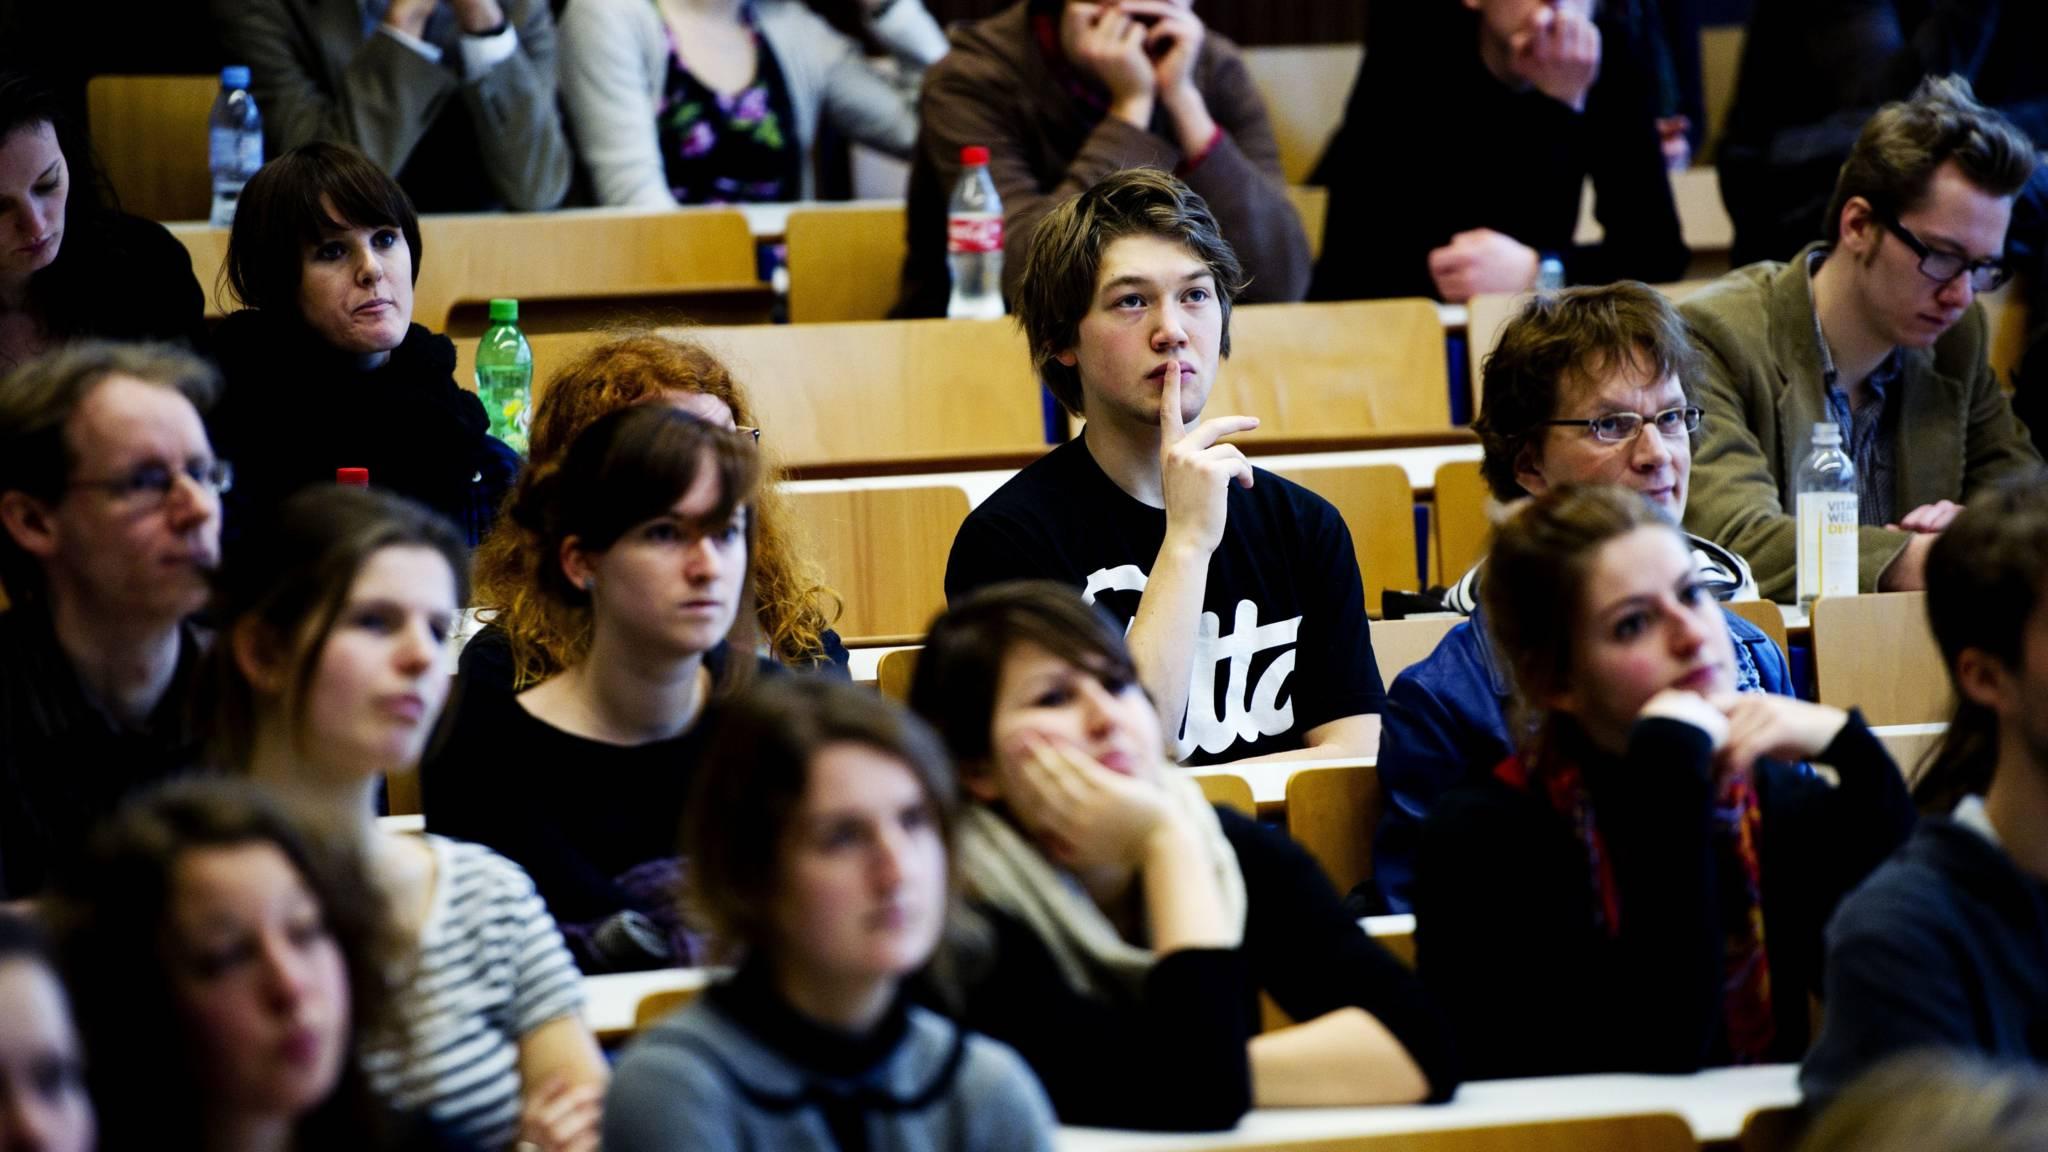 Kun je een studietoelage of andere financiële steun krijgen voor je studies?